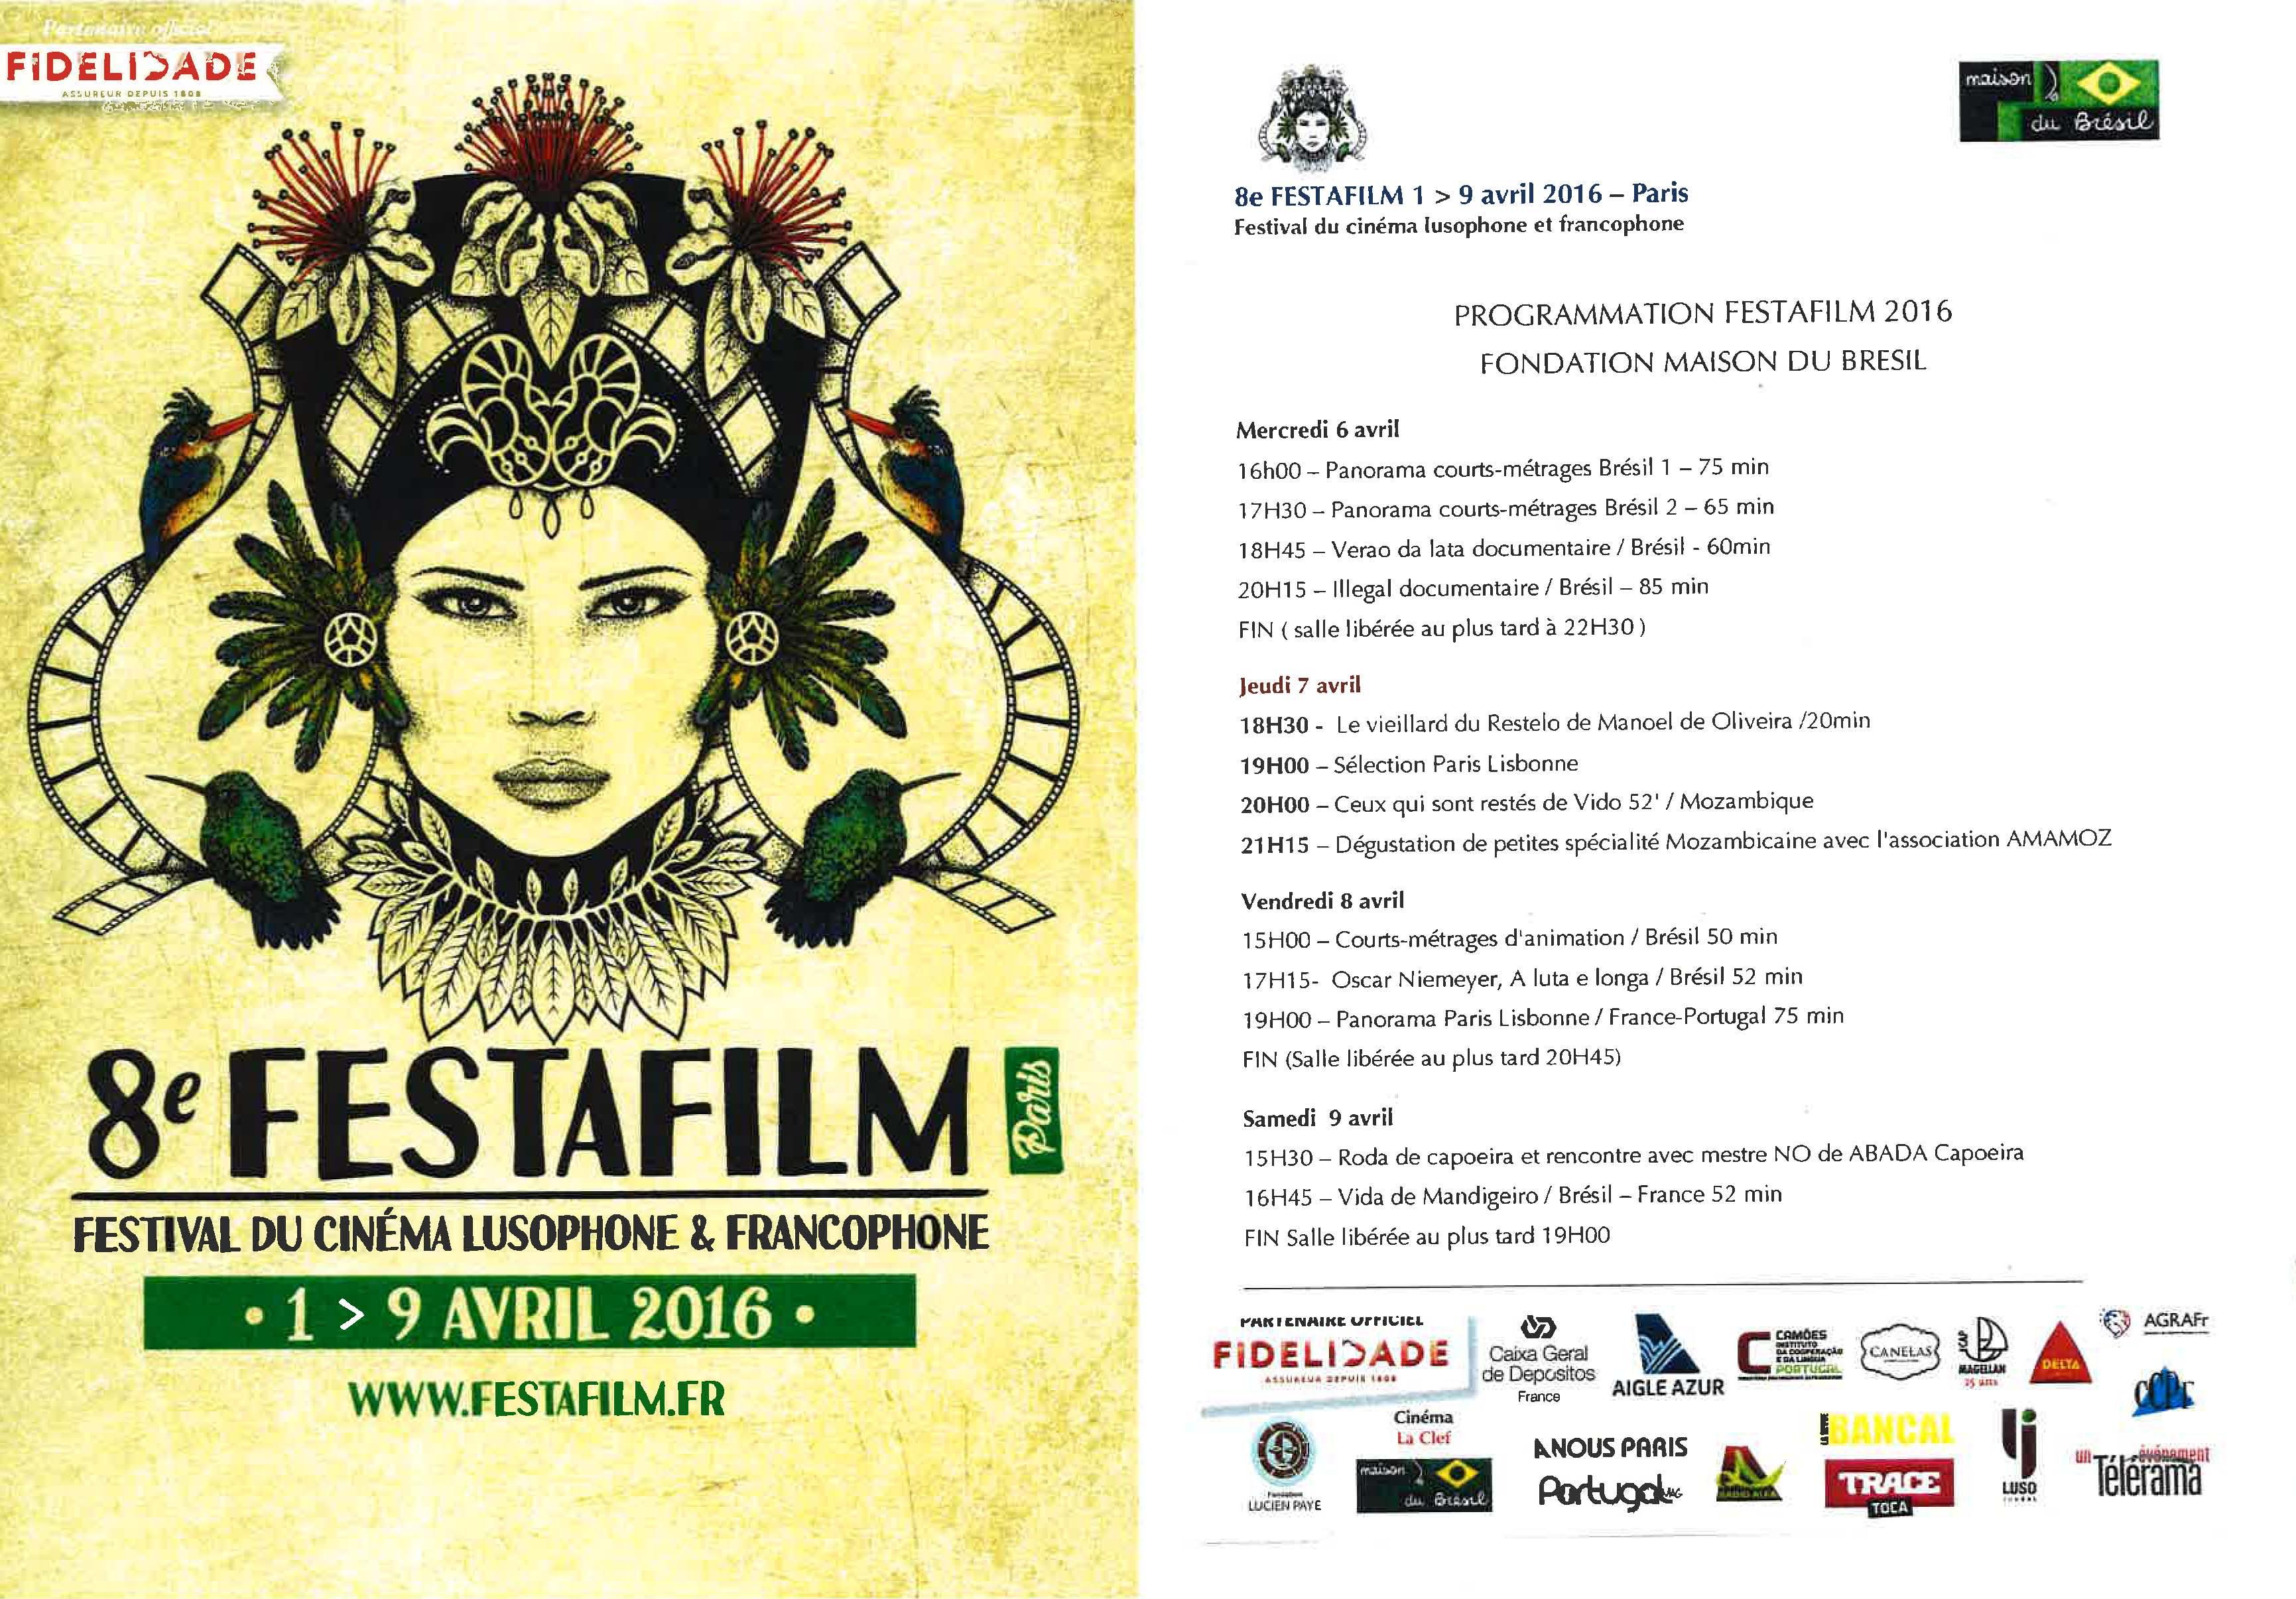 Festafilm_MaisonduBresil